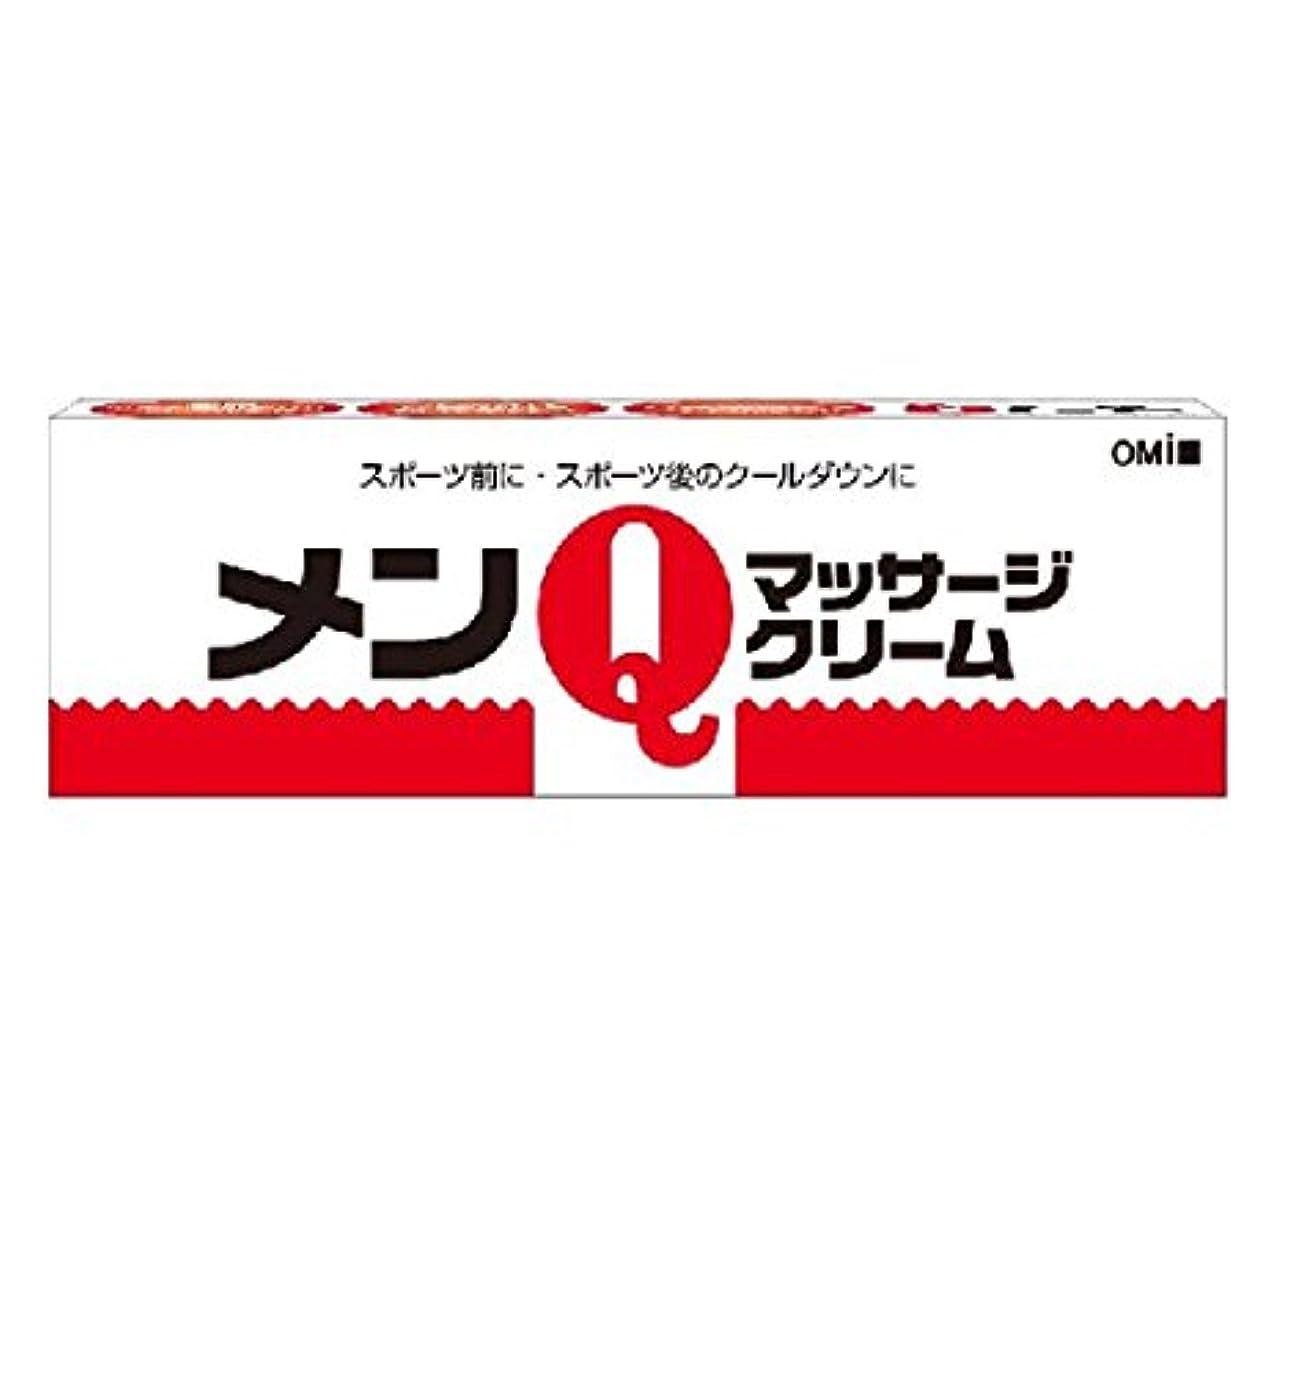 カバー仮装ラッドヤードキップリング近江兄弟社 メンQマッサージクリーム 65g